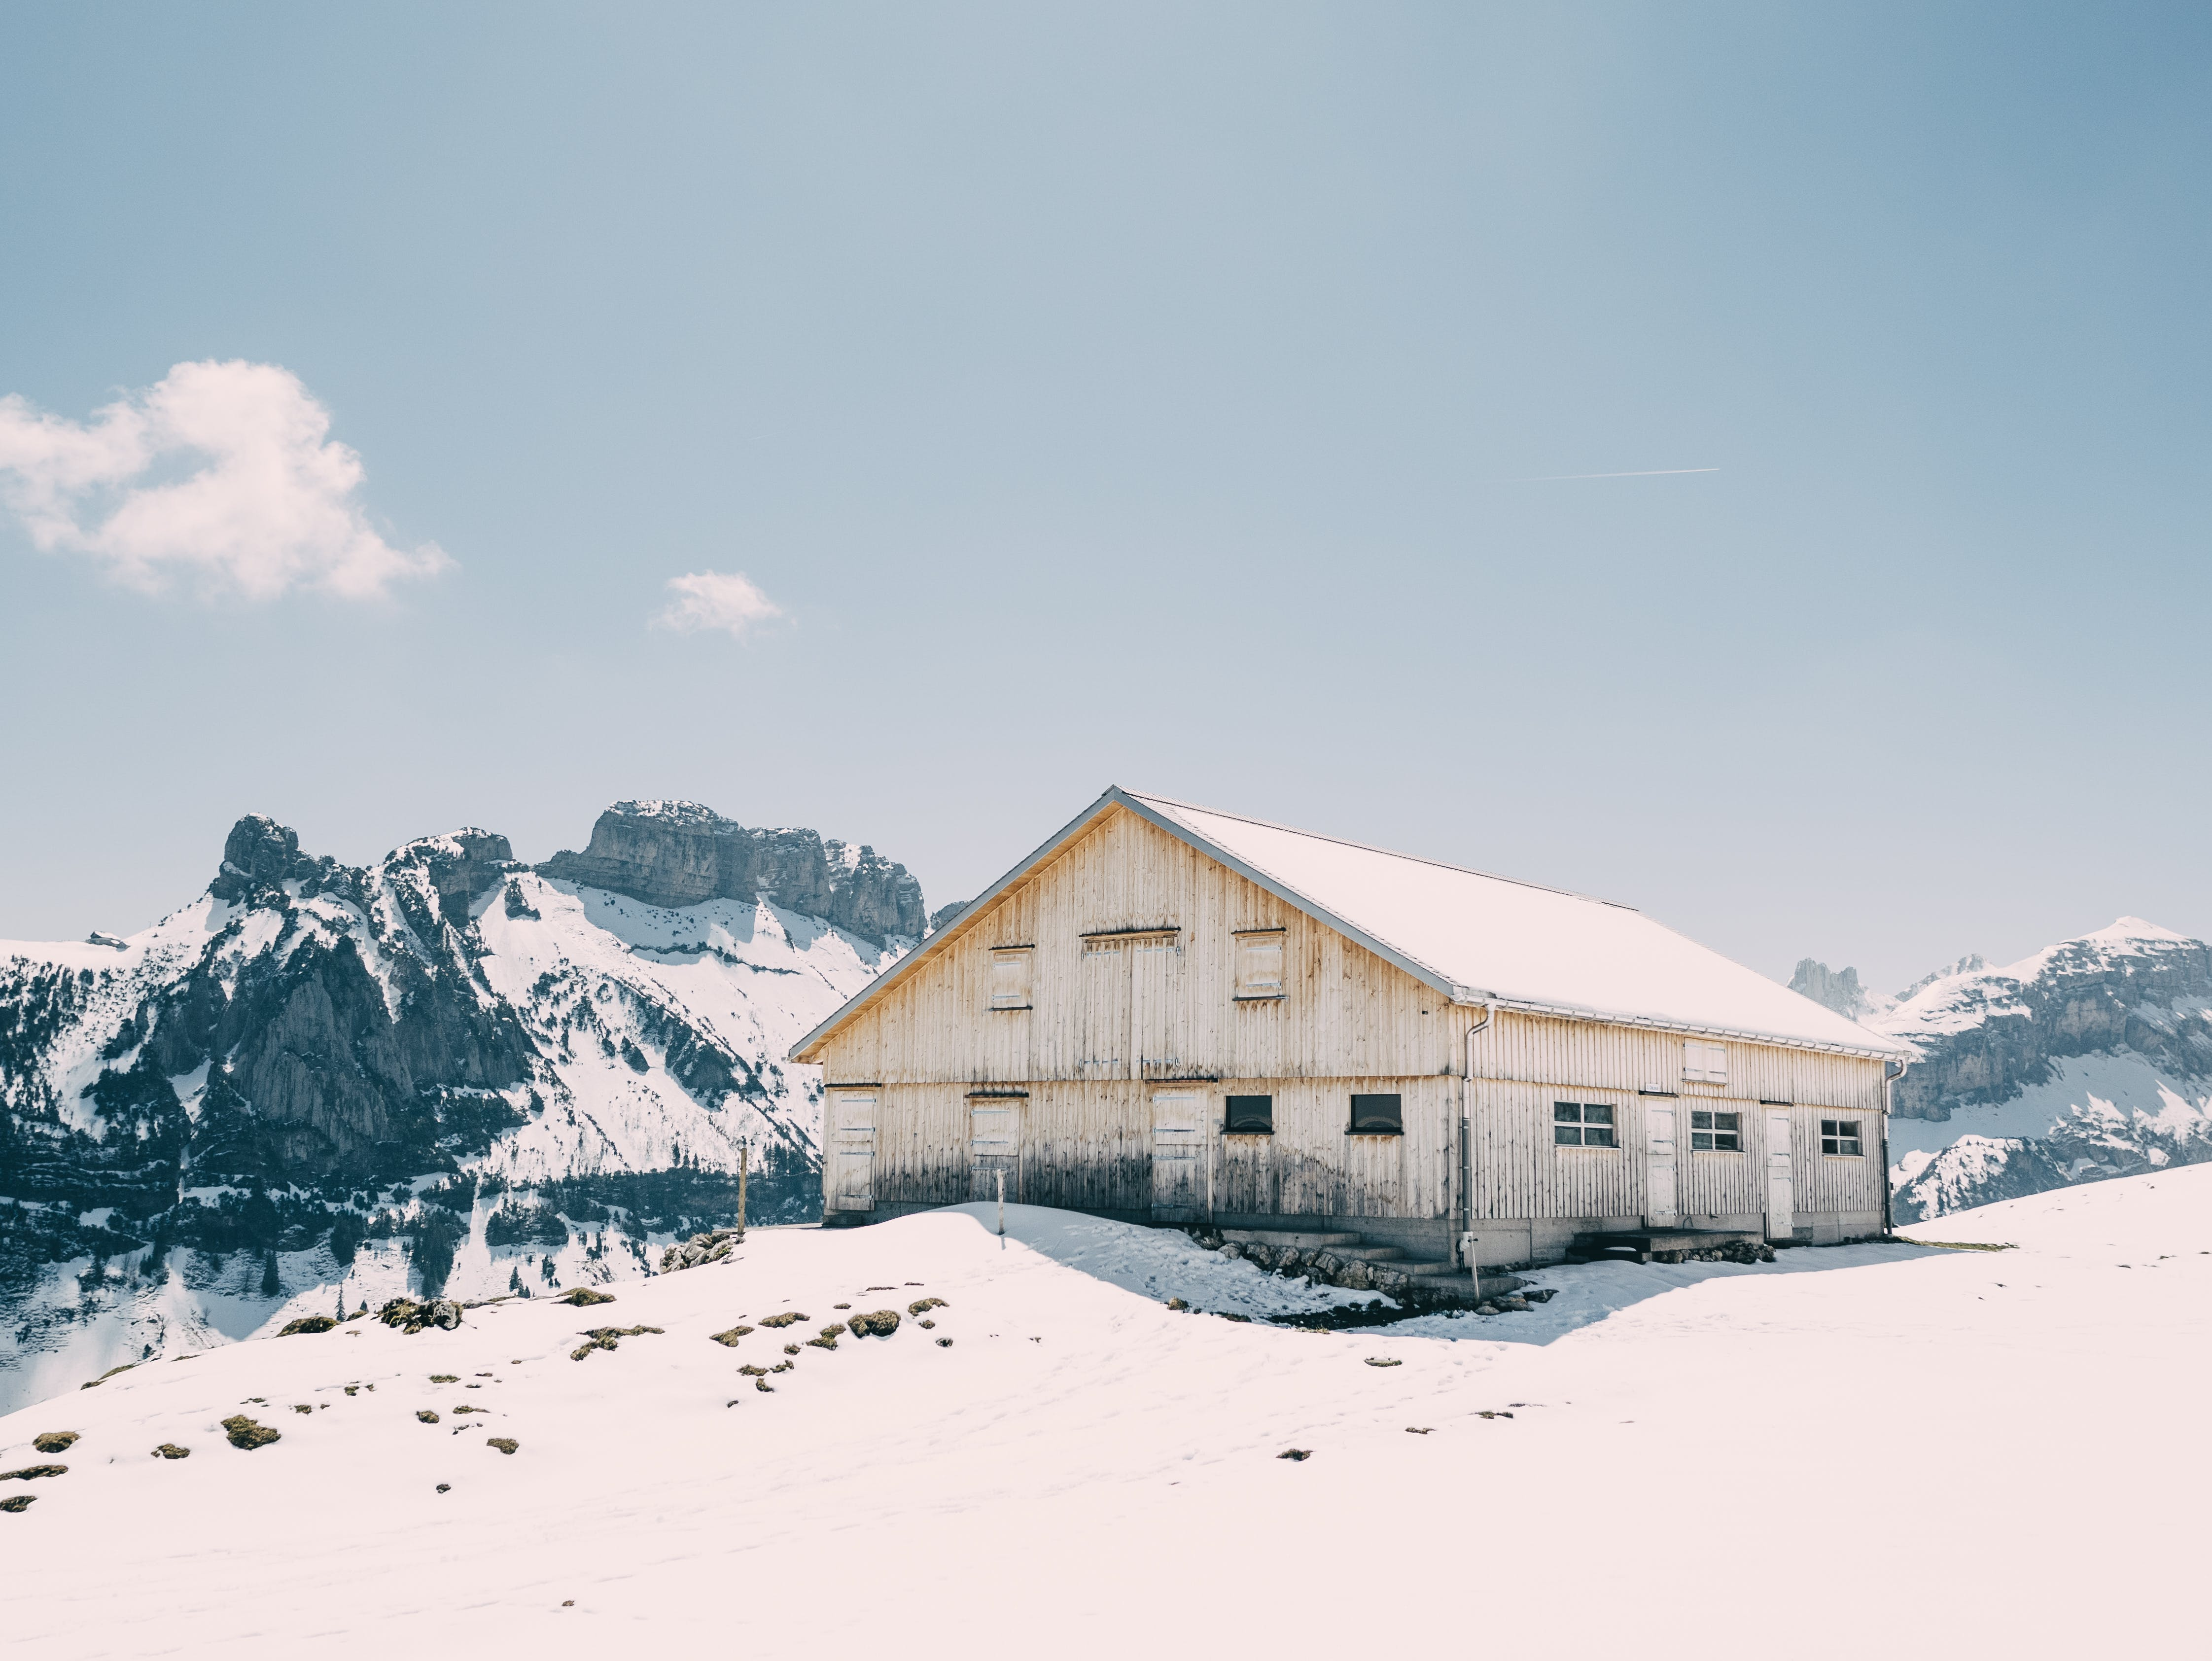 下雪的, 下雪的天氣, 冬季, 冬季景觀 的 免費圖庫相片